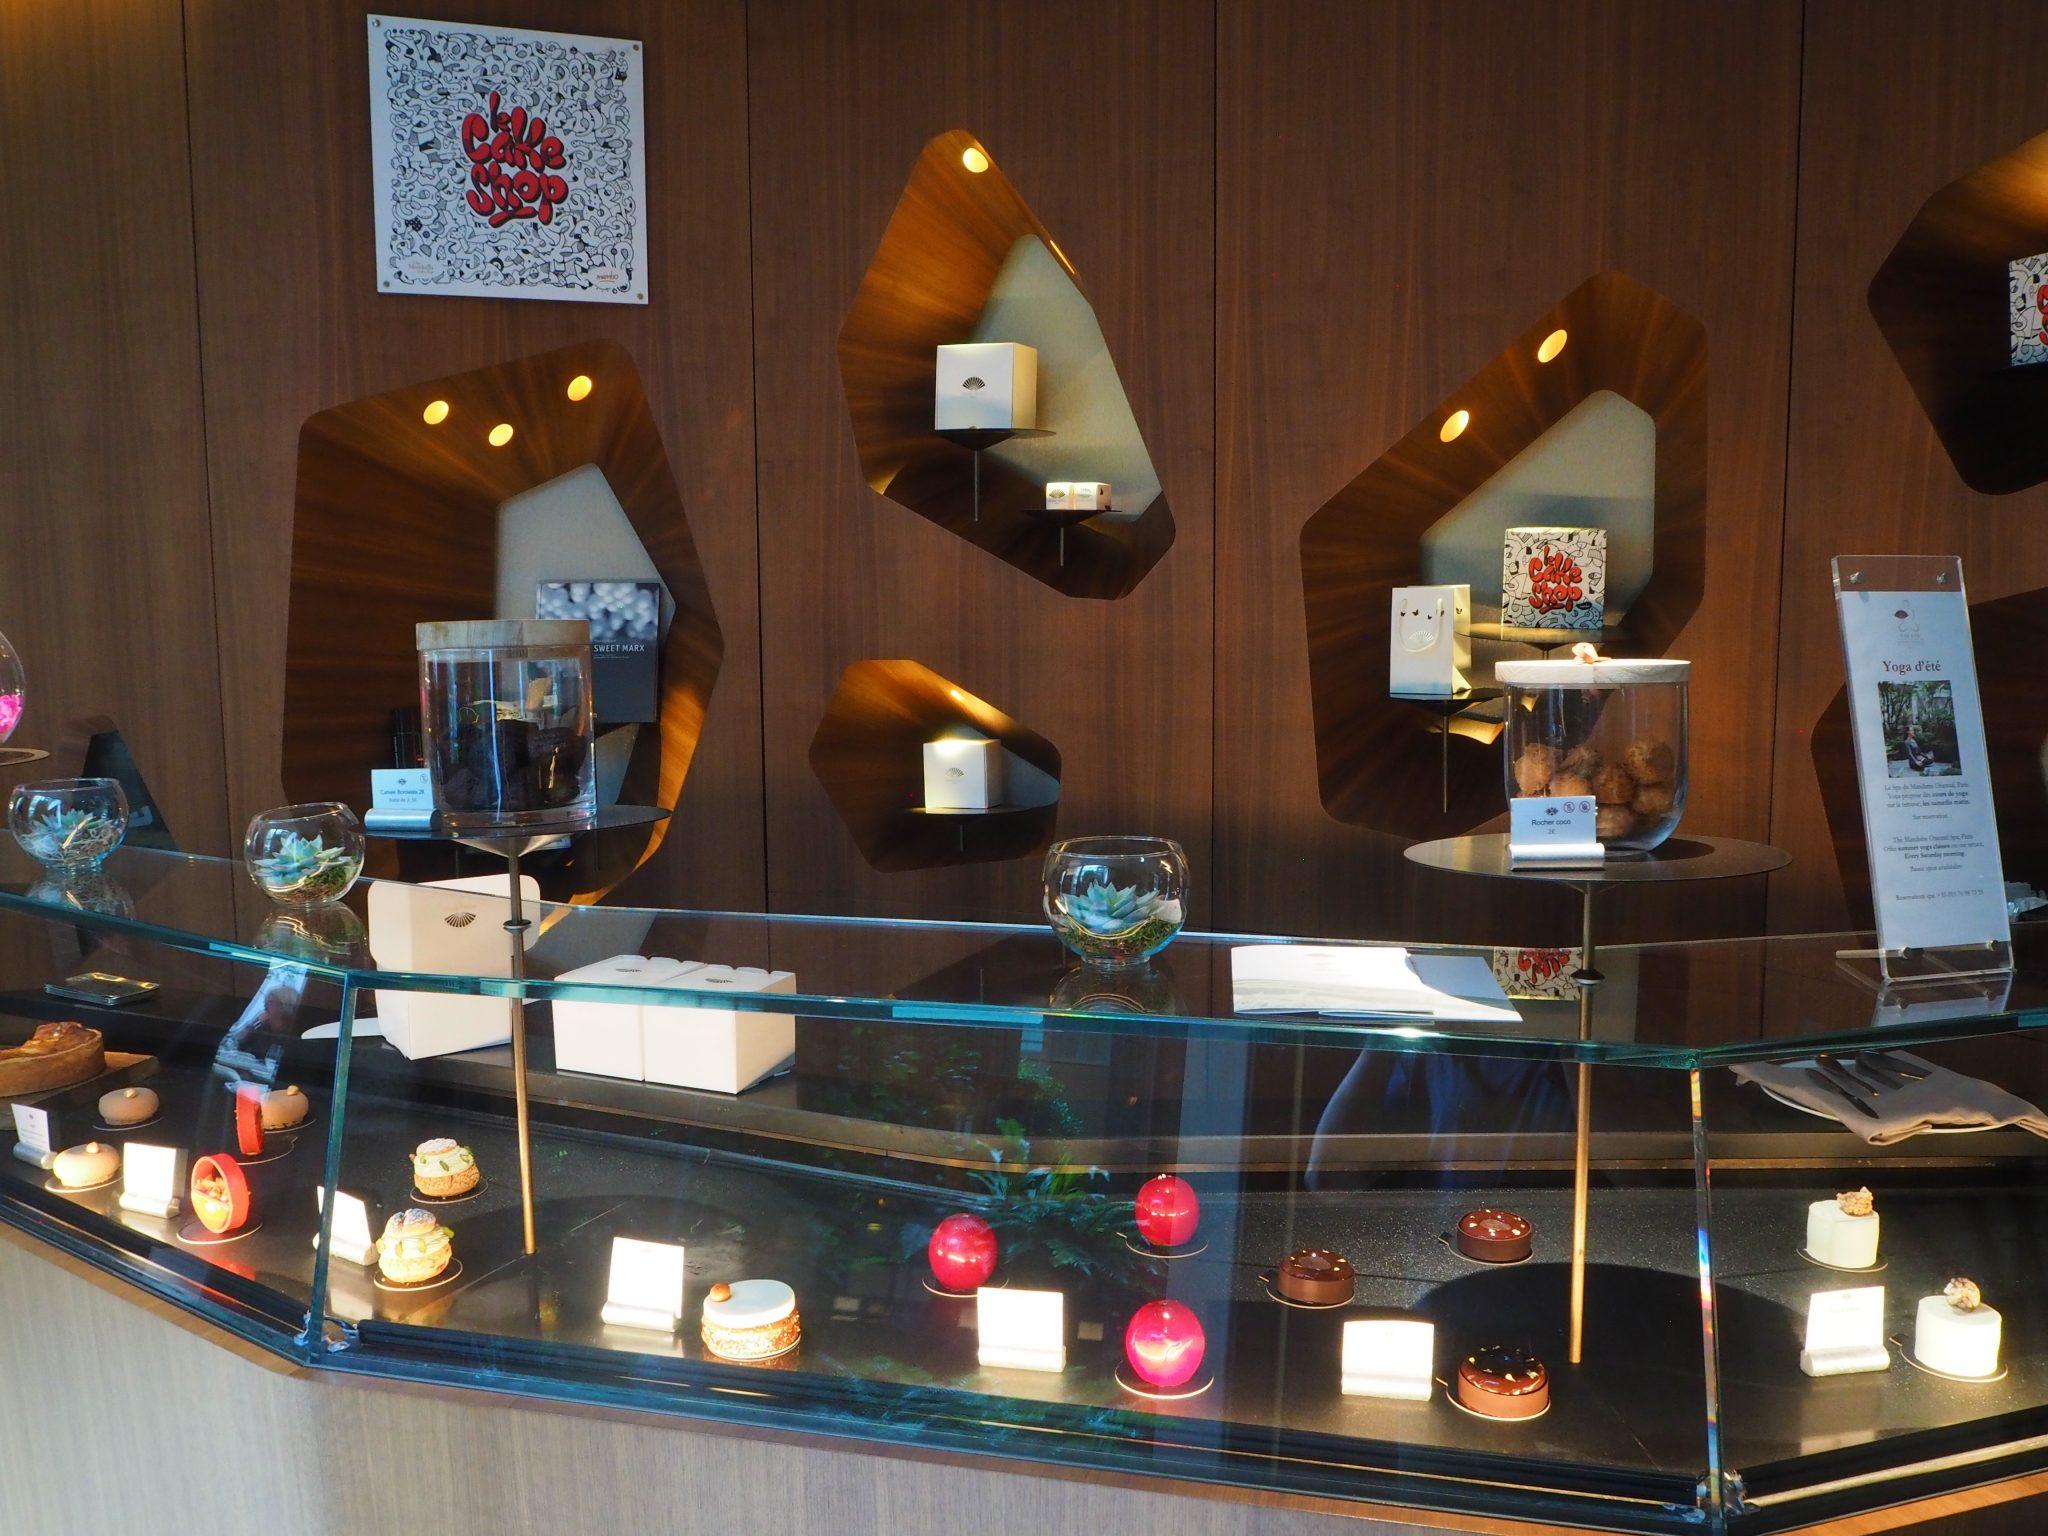 Cakes & Sweets counter / Comptoir à Pâtisseries